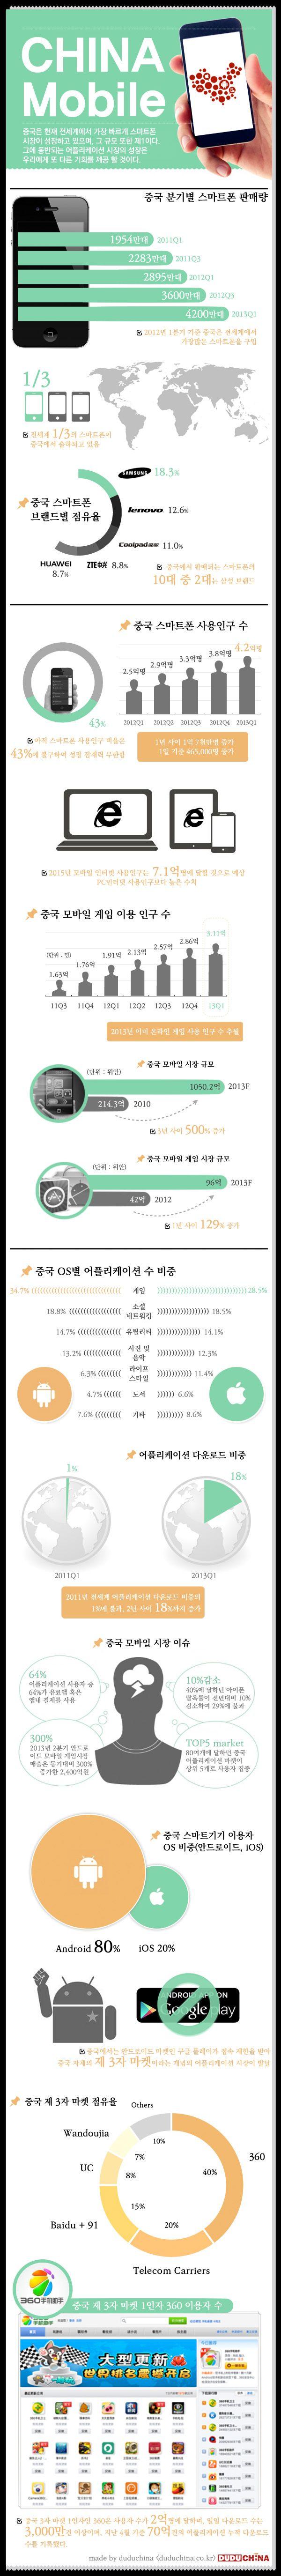 [Infographic] '파죽지세' 중국 모바일 시장 패권 전쟁 불붙다   DuDu China